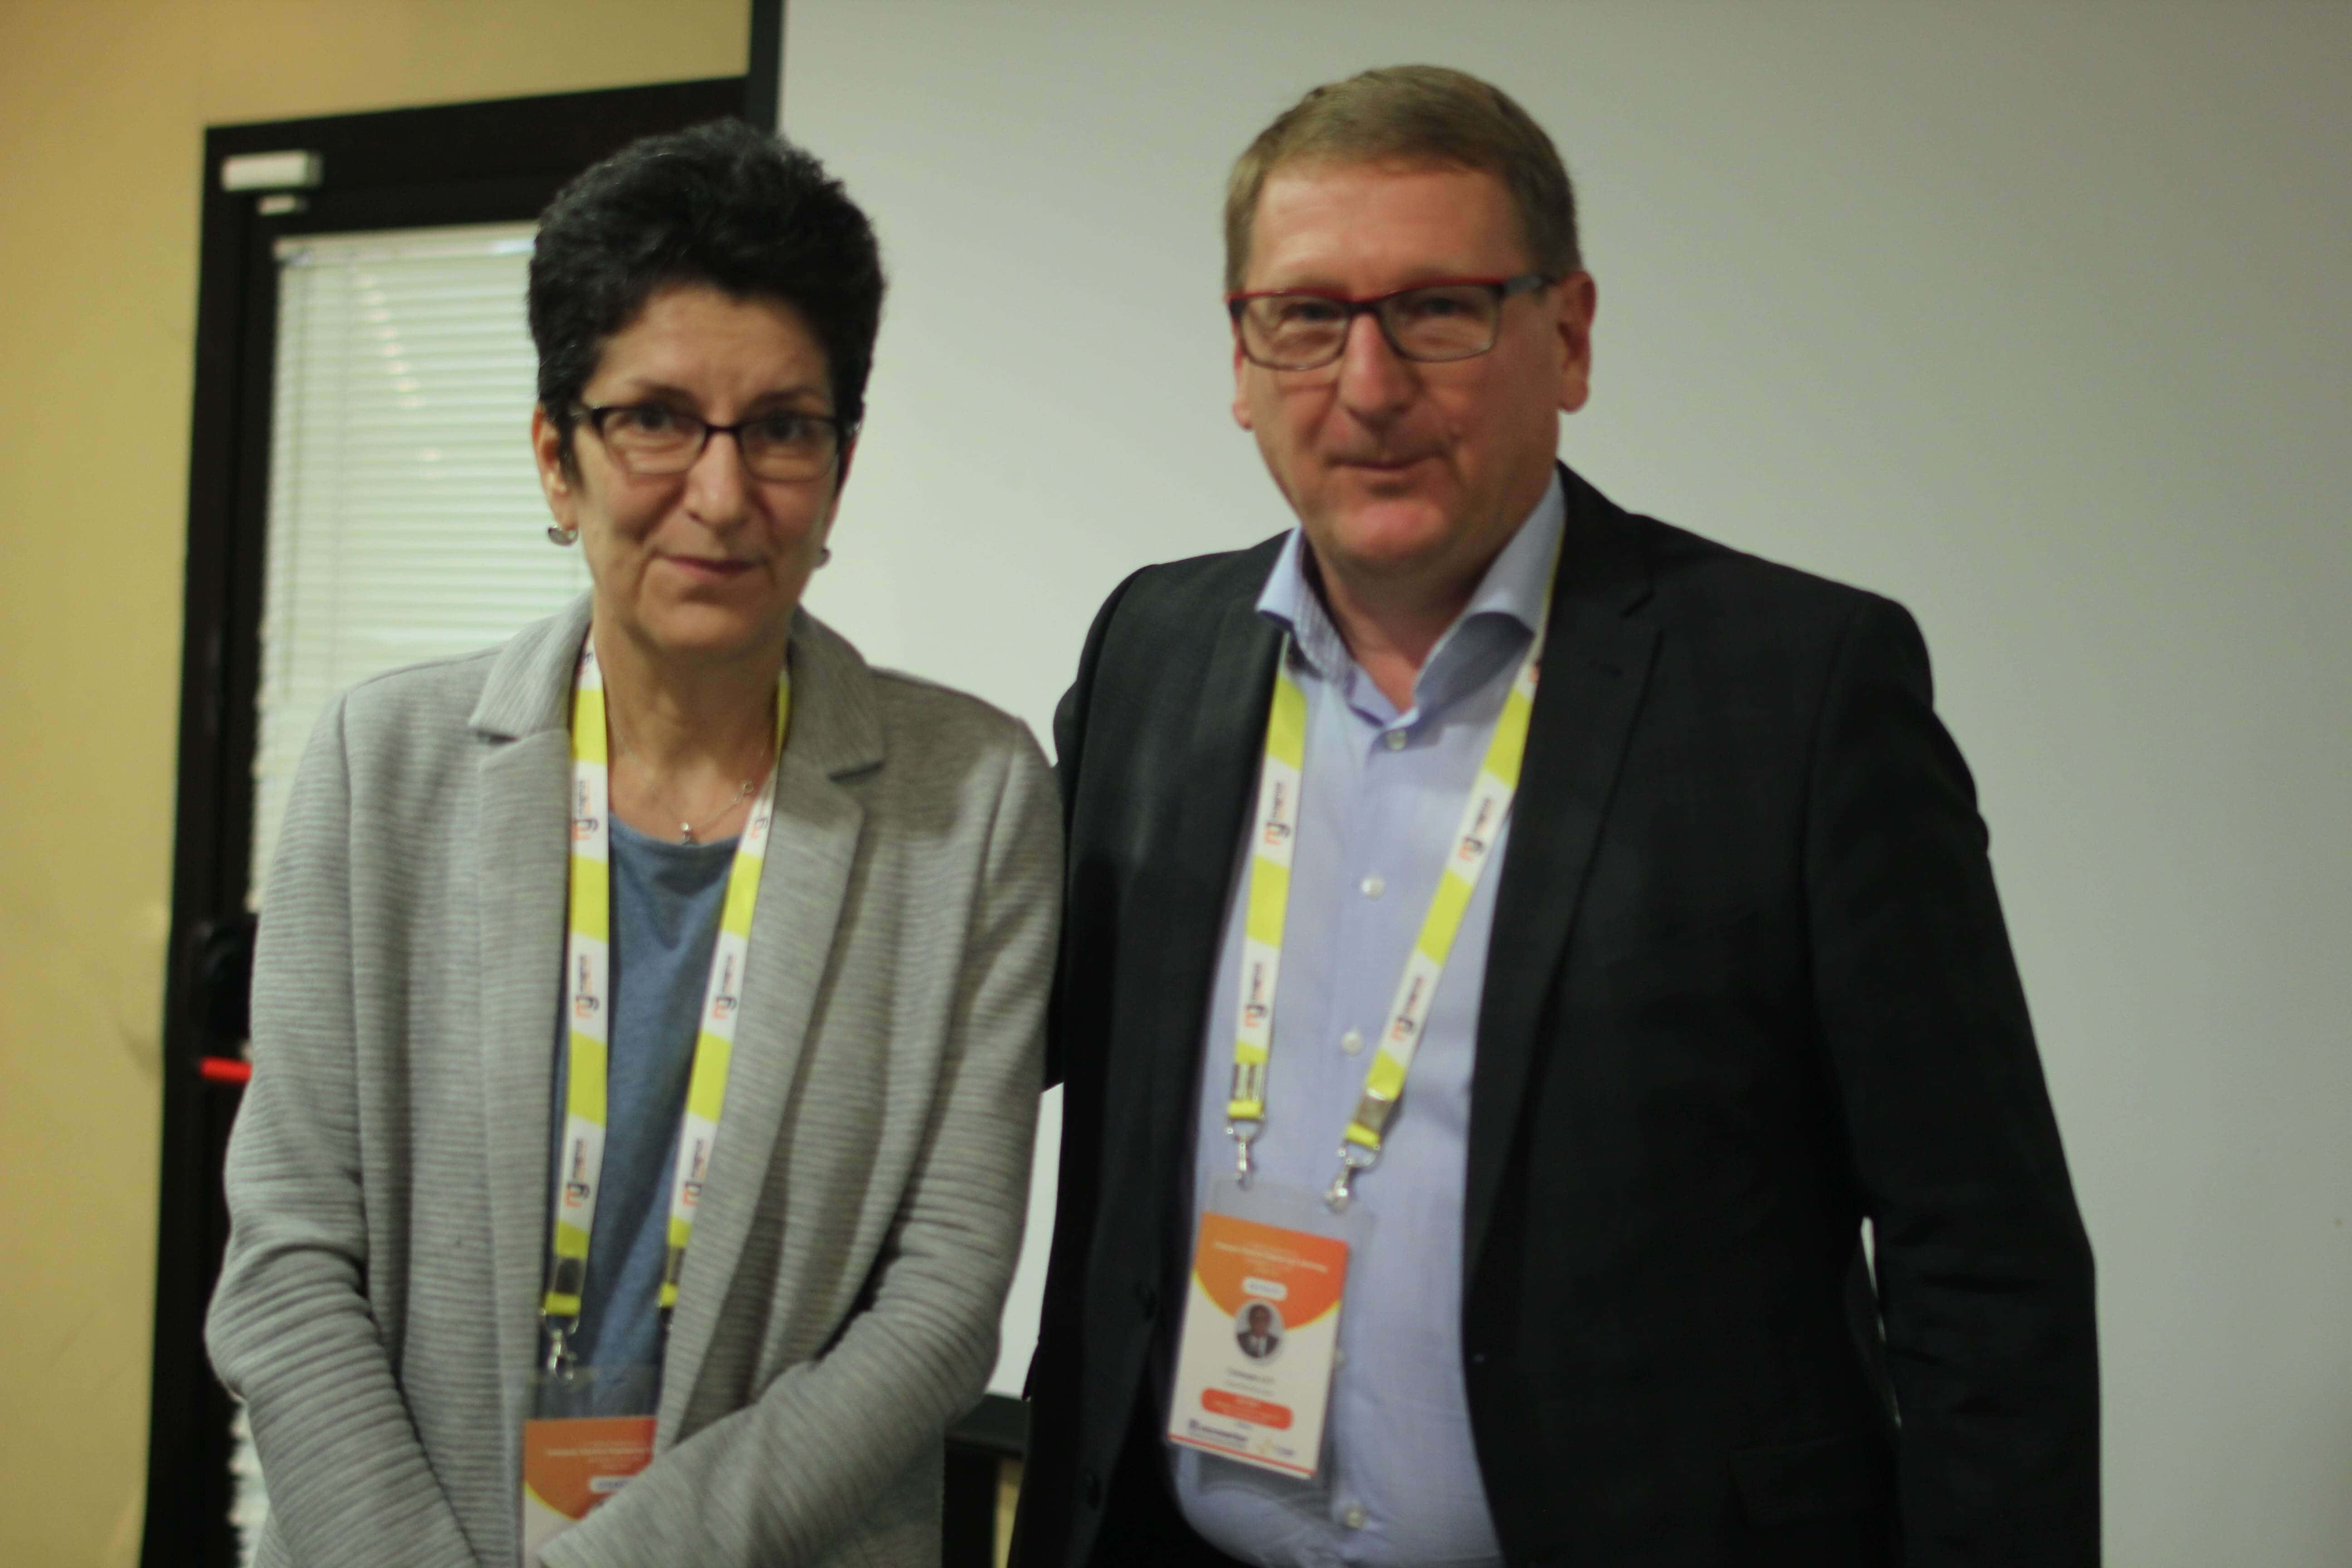 Anca Duta and Christophe LEN